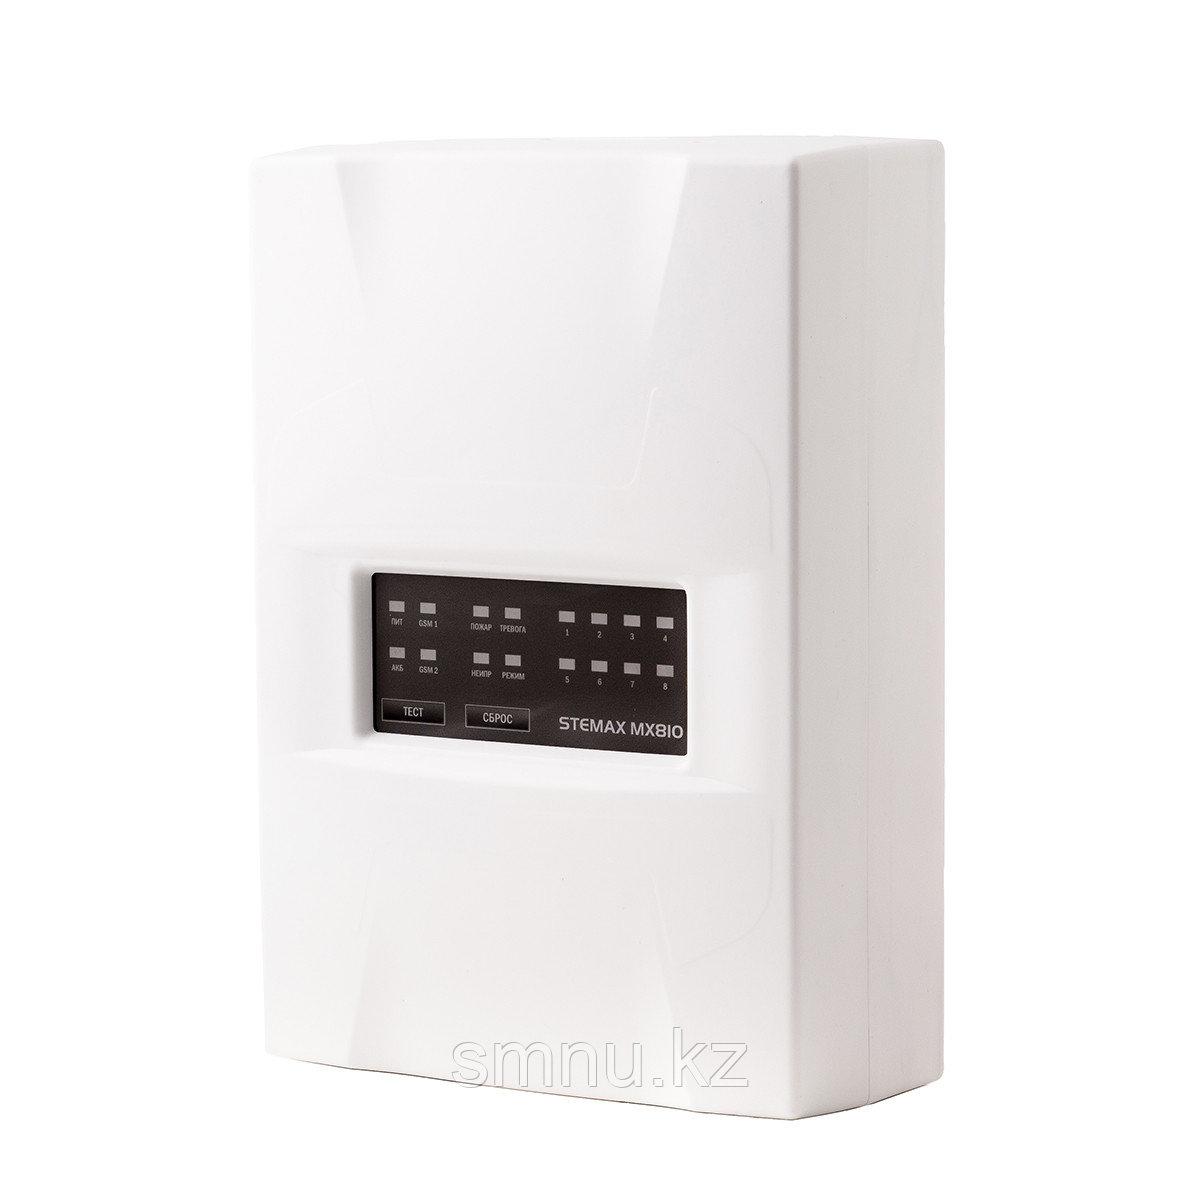 STEMAX  MX810 - Контроллер охранно-пожарный  с GSM коммуникатором